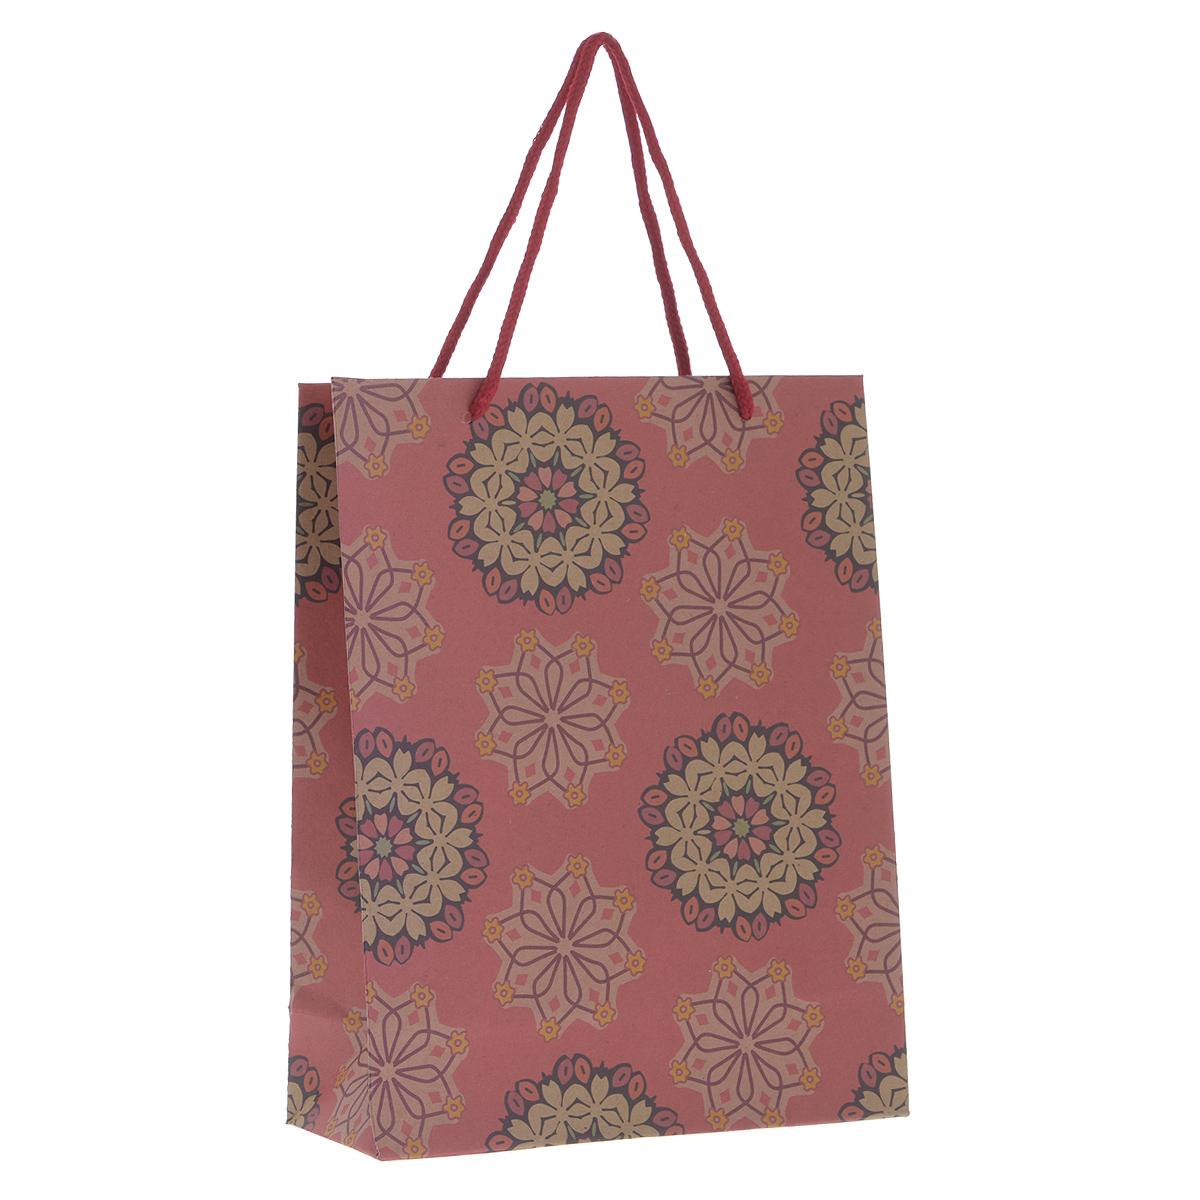 Пакет подарочный Розовые цветы, 19 см х 24,5 см х 8 см - Феникс-Презент38876Подарочный пакет Розовые цветы, изготовленный из плотной бумаги, станет незаменимым дополнением к выбранному подарку. Дно изделия укреплено плотным картоном, который позволяет сохранить форму пакета и исключает возможность деформации дна под тяжестью подарка. Для удобной переноски на пакете имеются две ручки из шнурков. Подарок, преподнесенный в оригинальной упаковке, всегда будет самым эффектным и запоминающимся. Окружите близких людей вниманием и заботой, вручив презент в нарядном, праздничном оформлении.